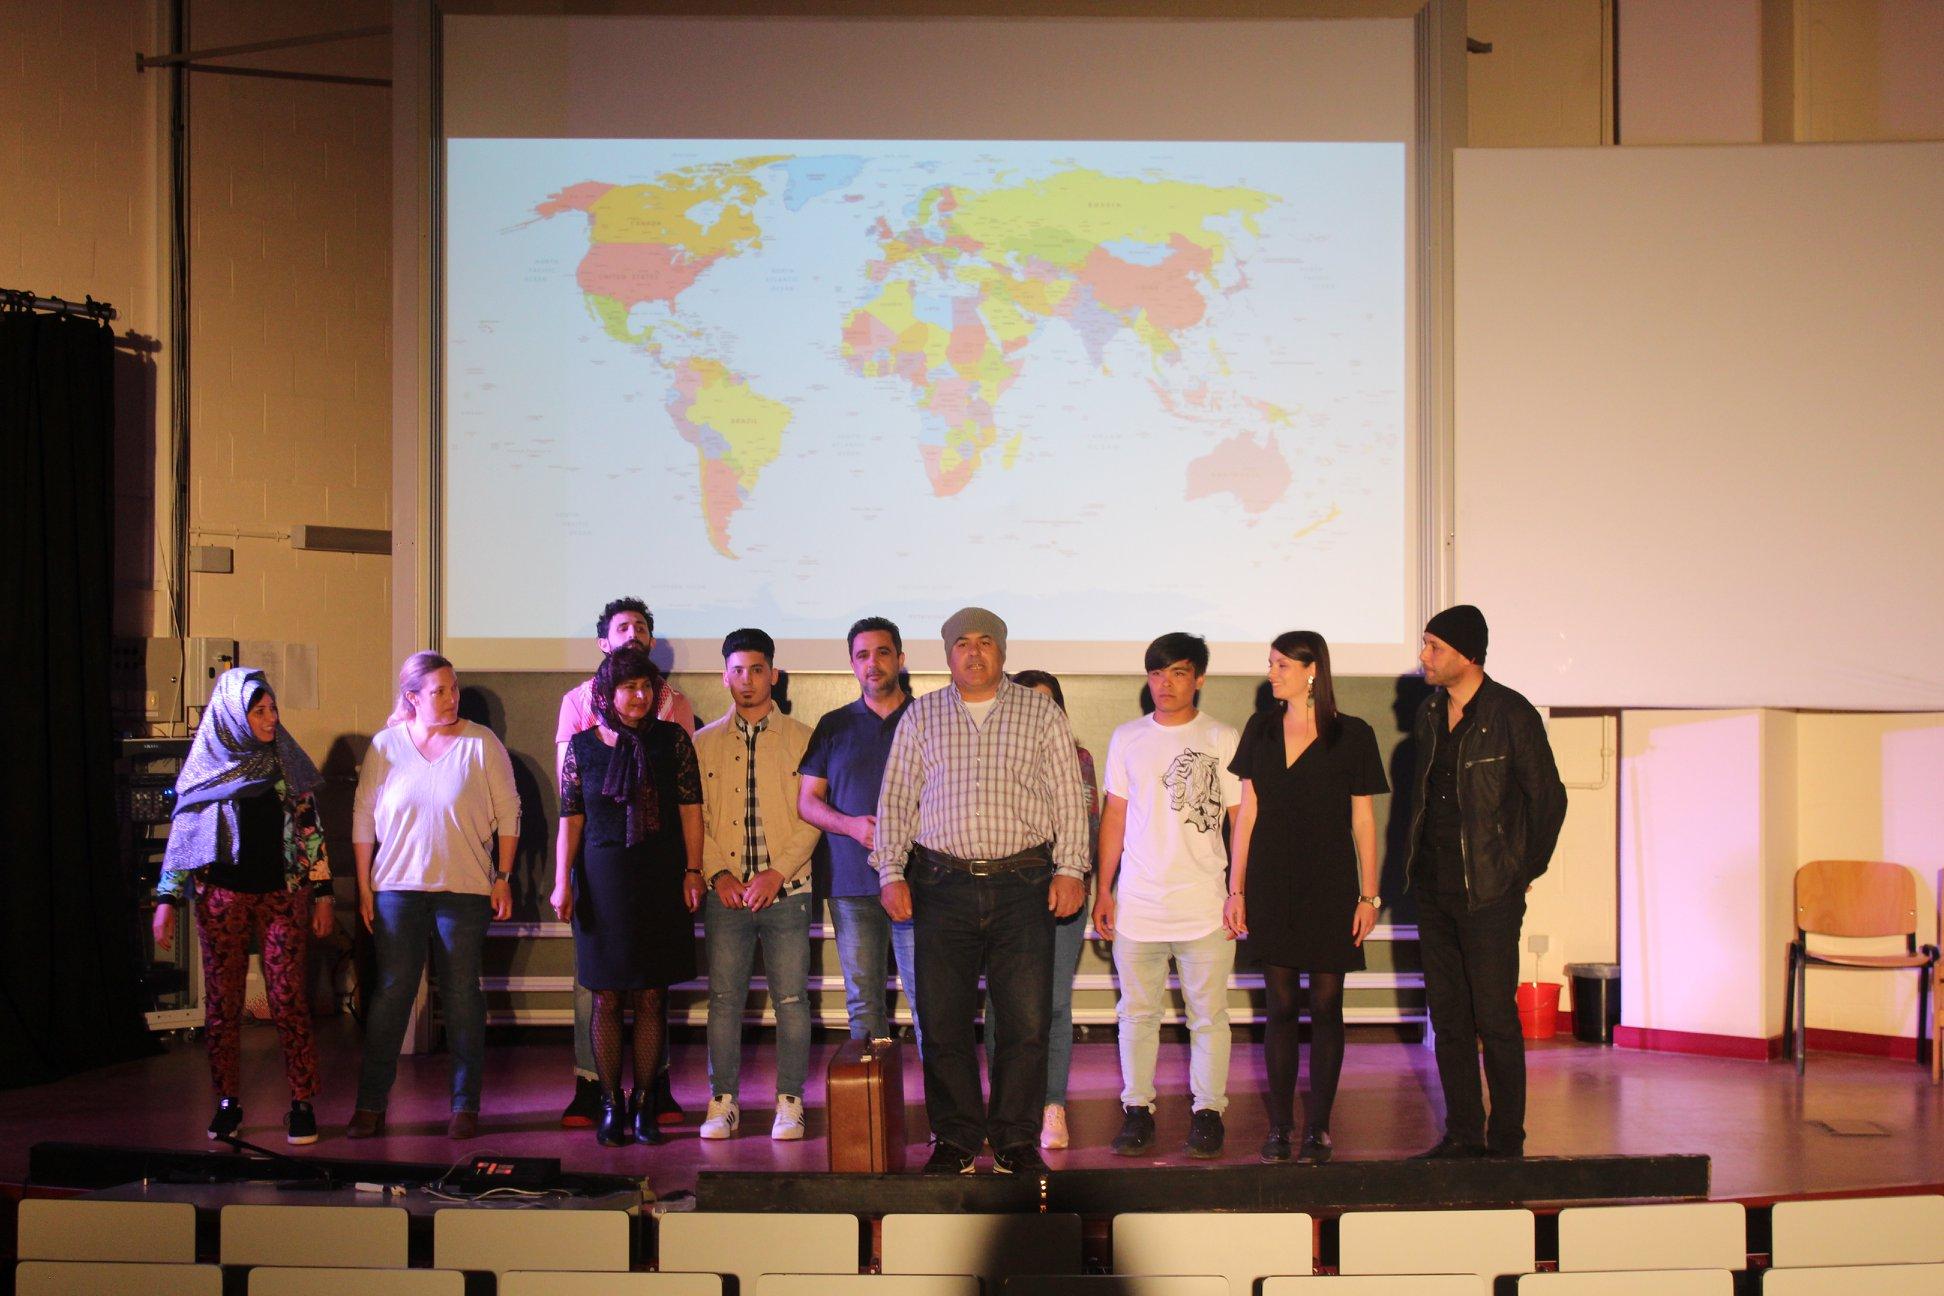 Succès et émotion pour le spectacle des étudiants de FLE